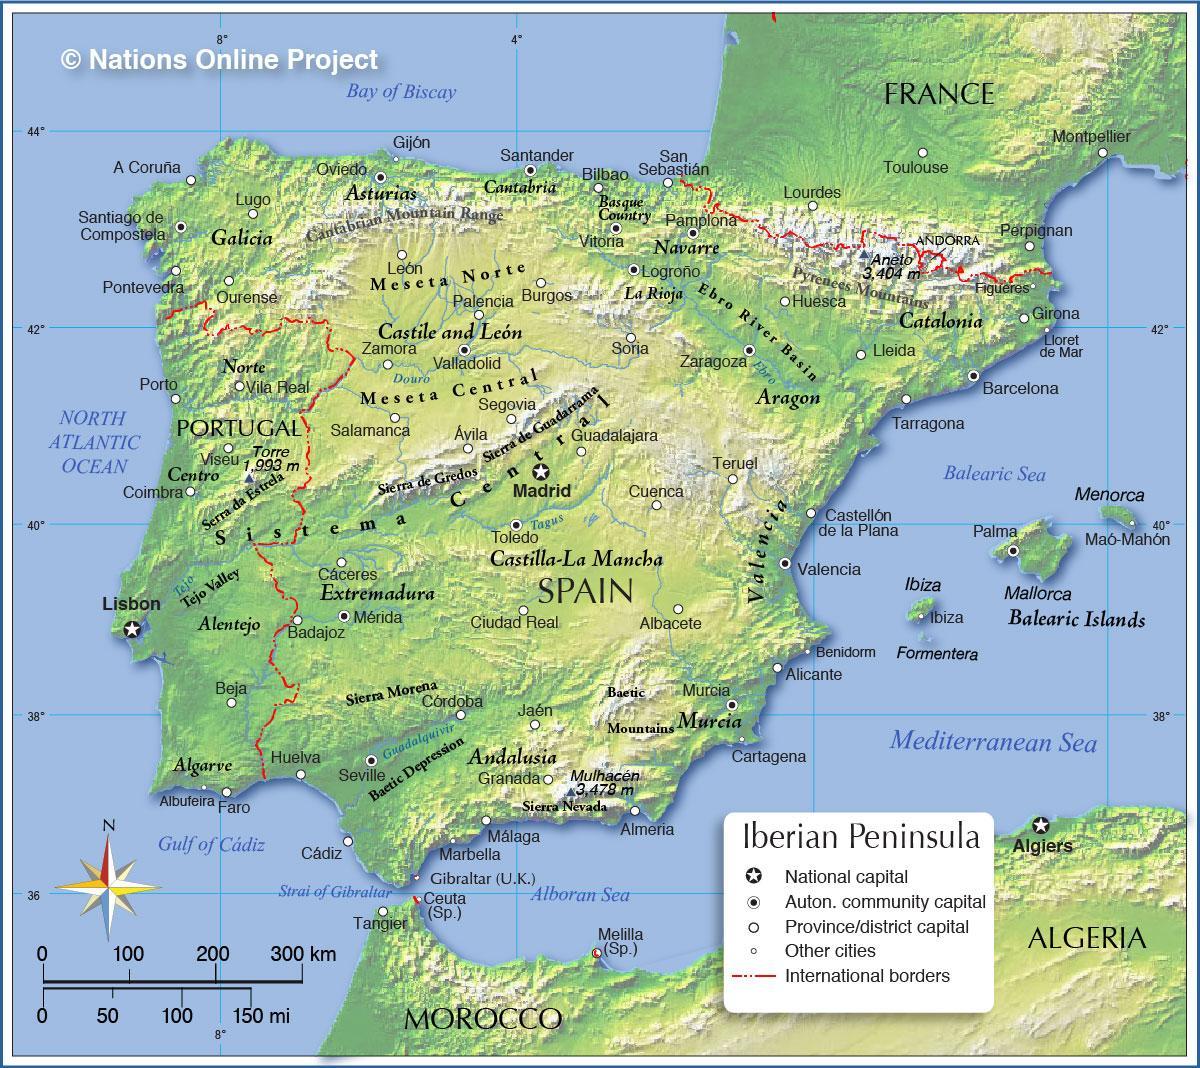 Carte Espagne Topographique.Espagne Carte Topographique Carte De L Espagne